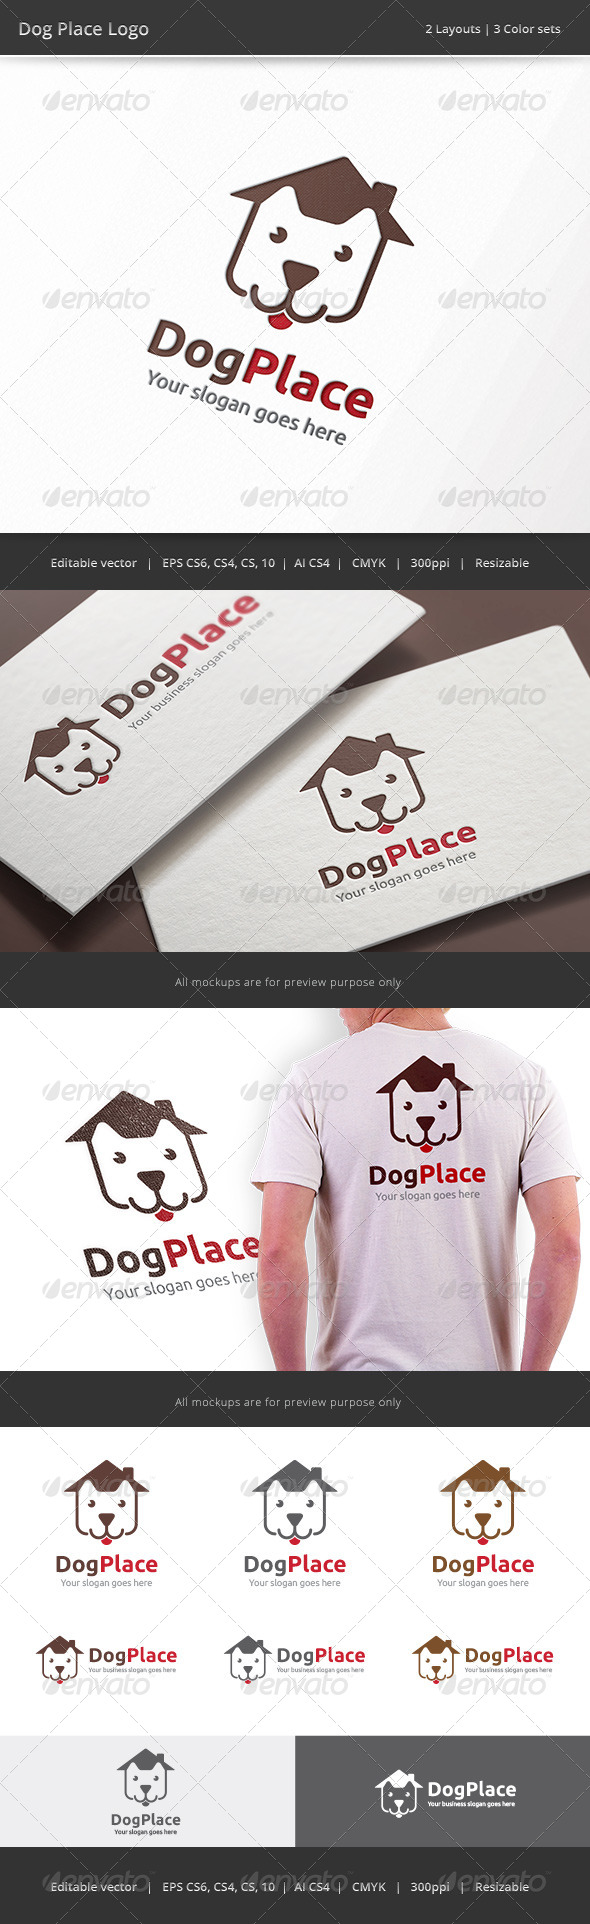 GraphicRiver Dog Place Logo 8418162